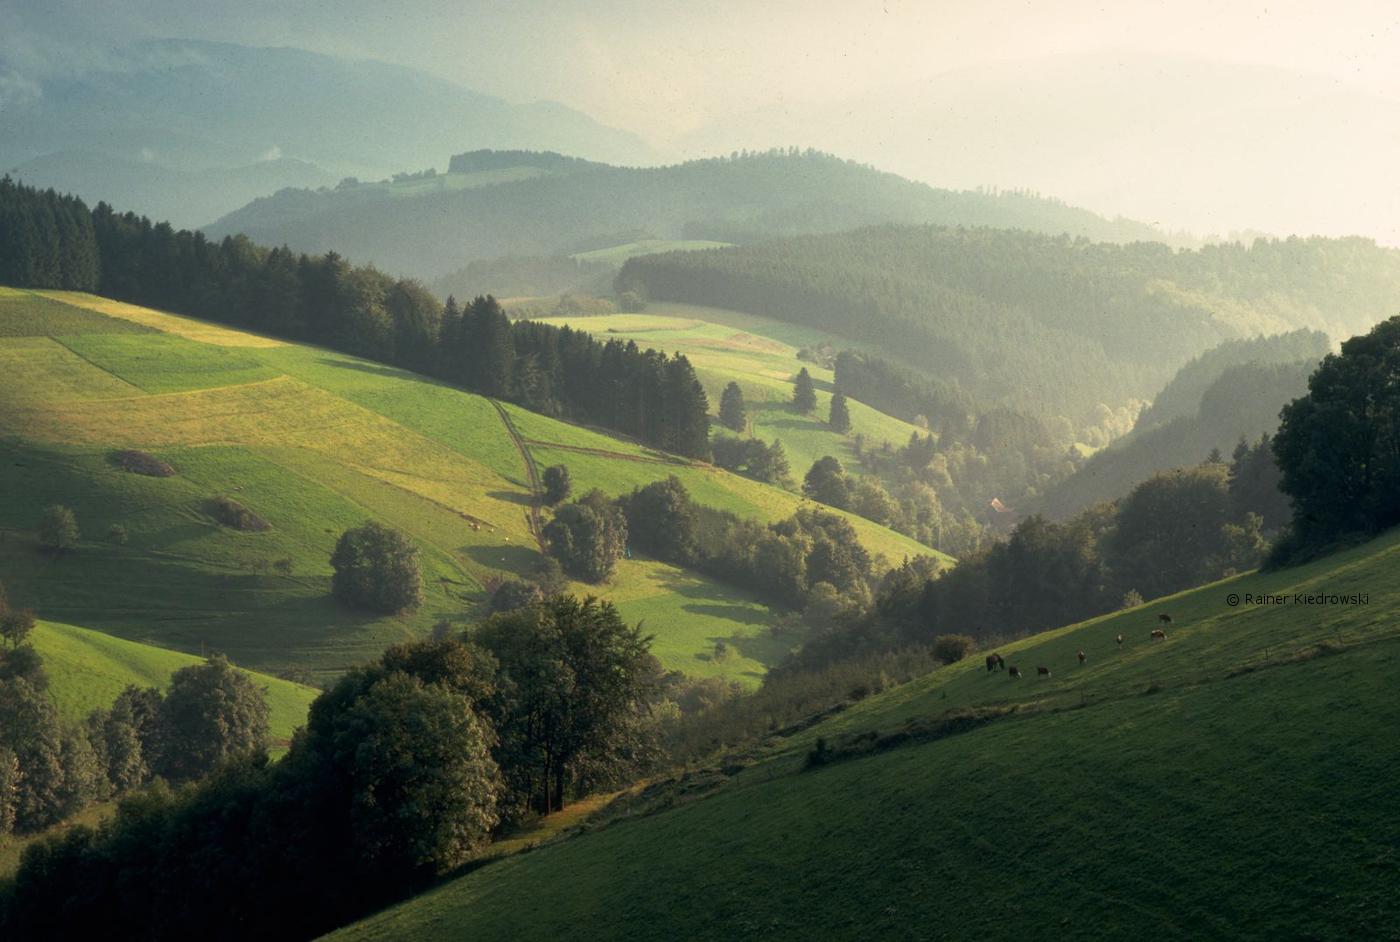 germany_black-forest_rainer-kiedrowski